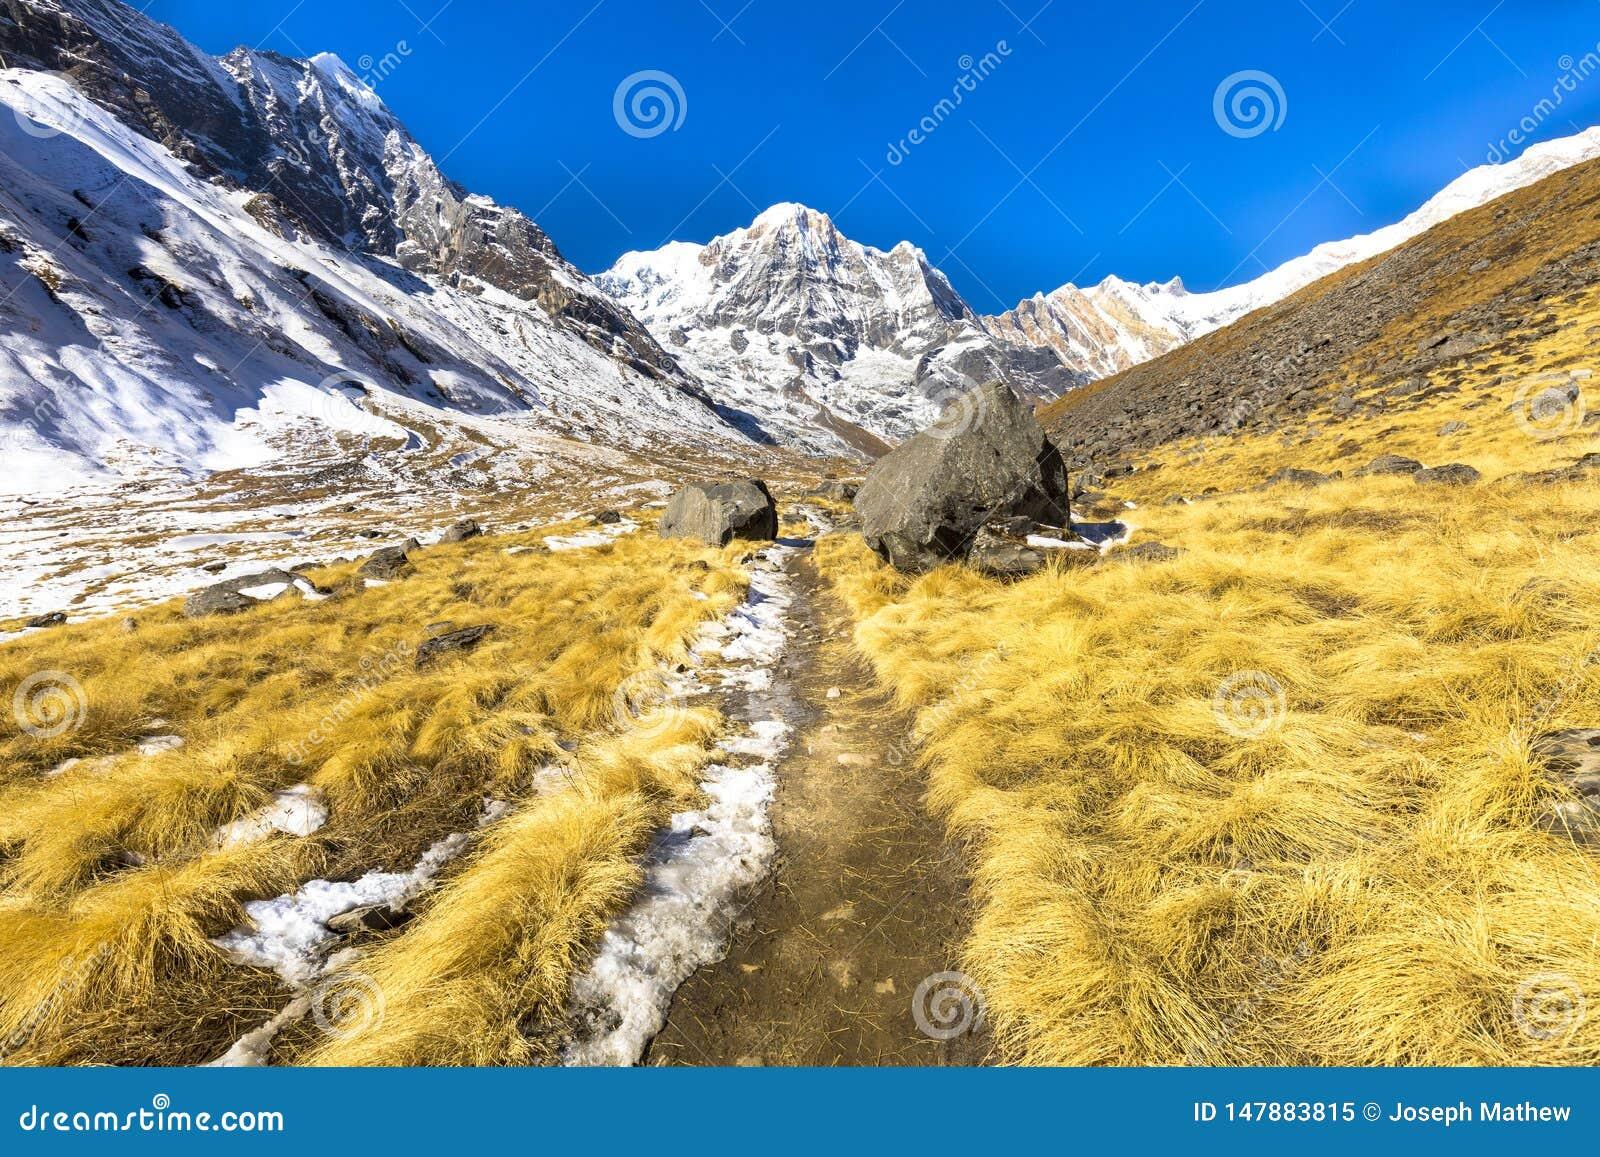 Mooie die Landschappen op de manier bij Annapurna-de Trekking van het Basiskamp worden gezien